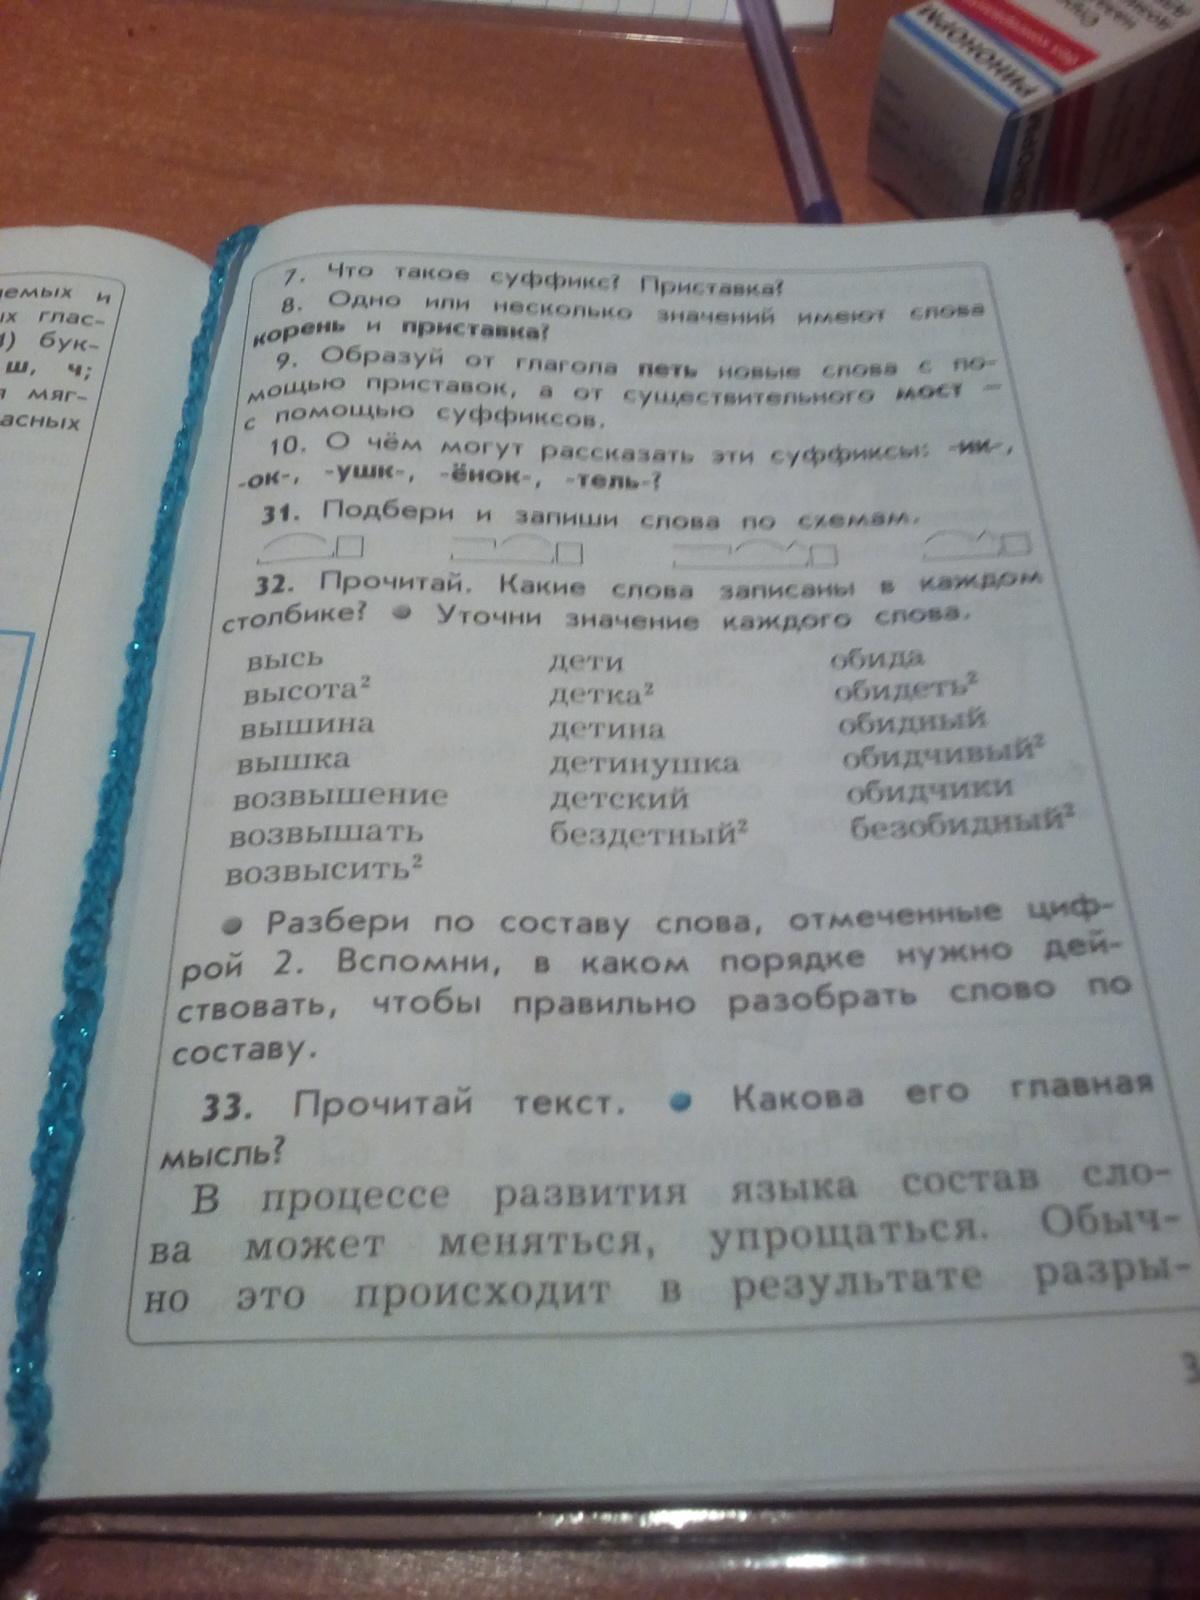 razbor-slova-po-sostavu-razdvigaya